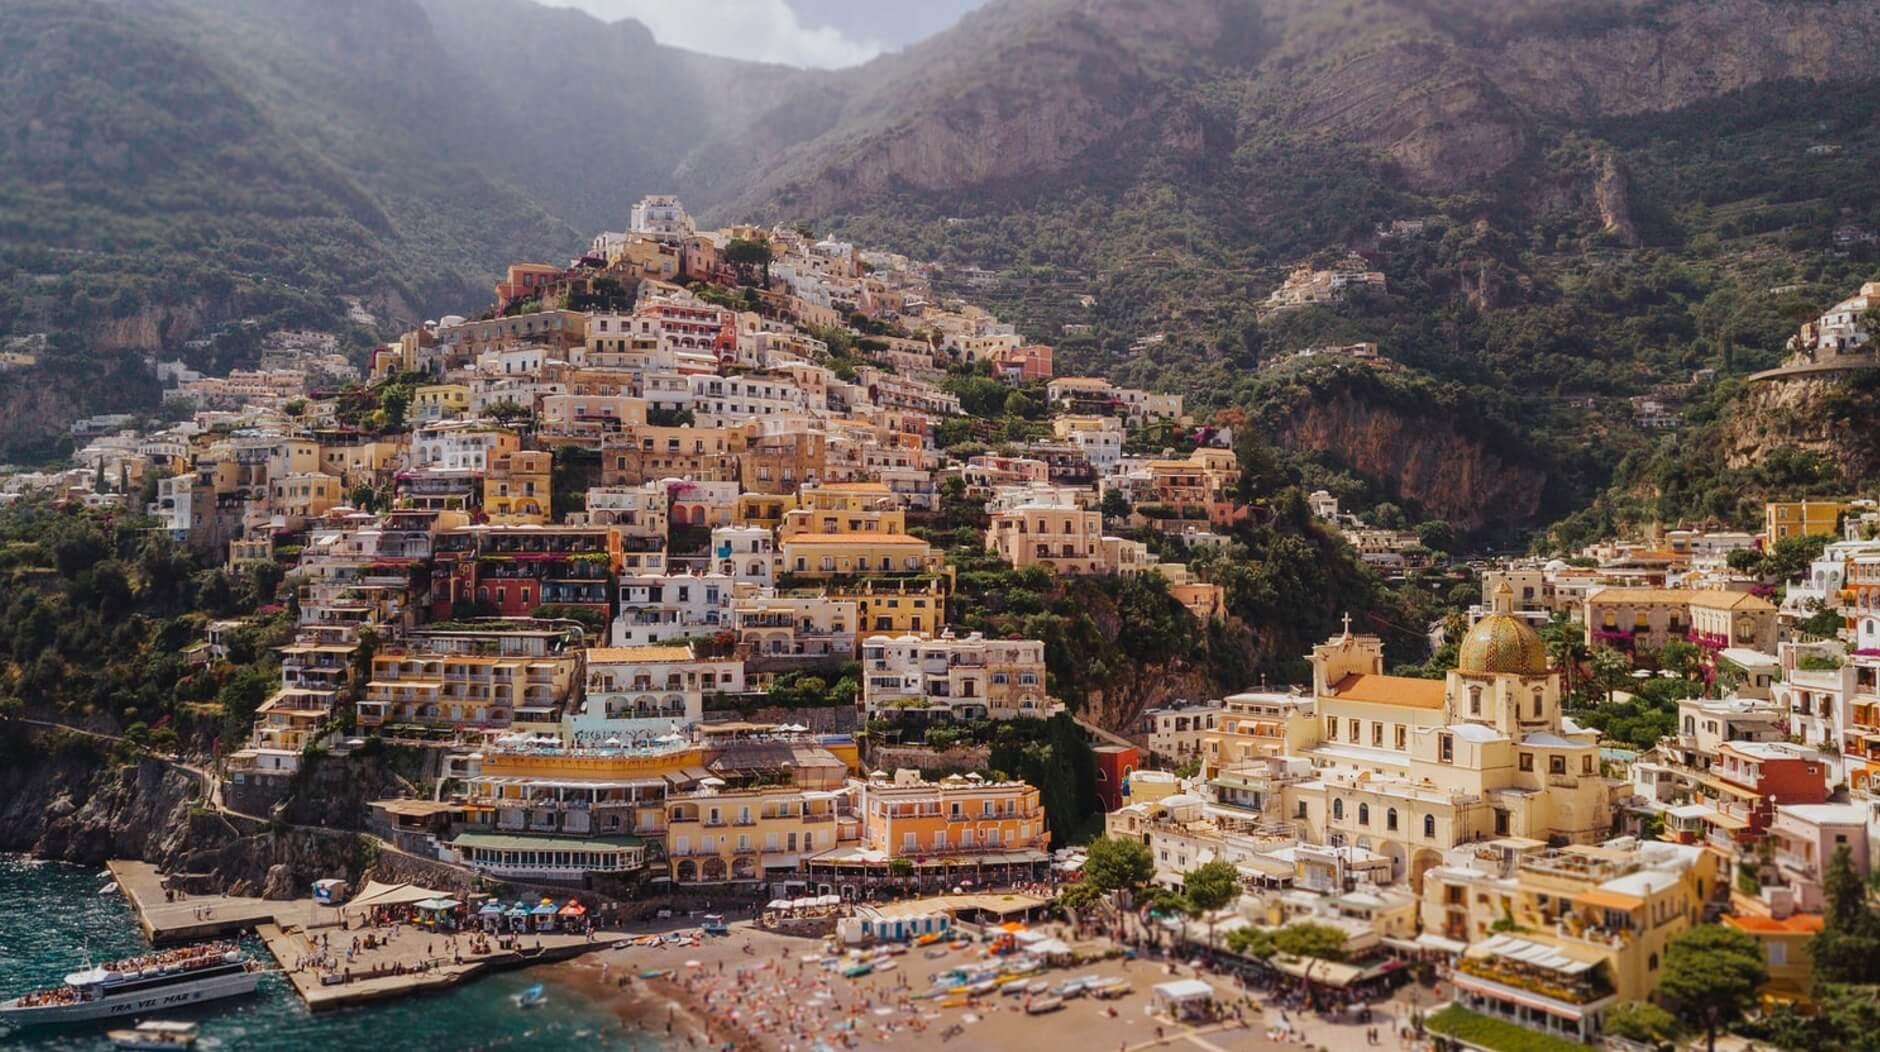 Le spiagge più belle della Costiera Amalfitana e come raggiungerle